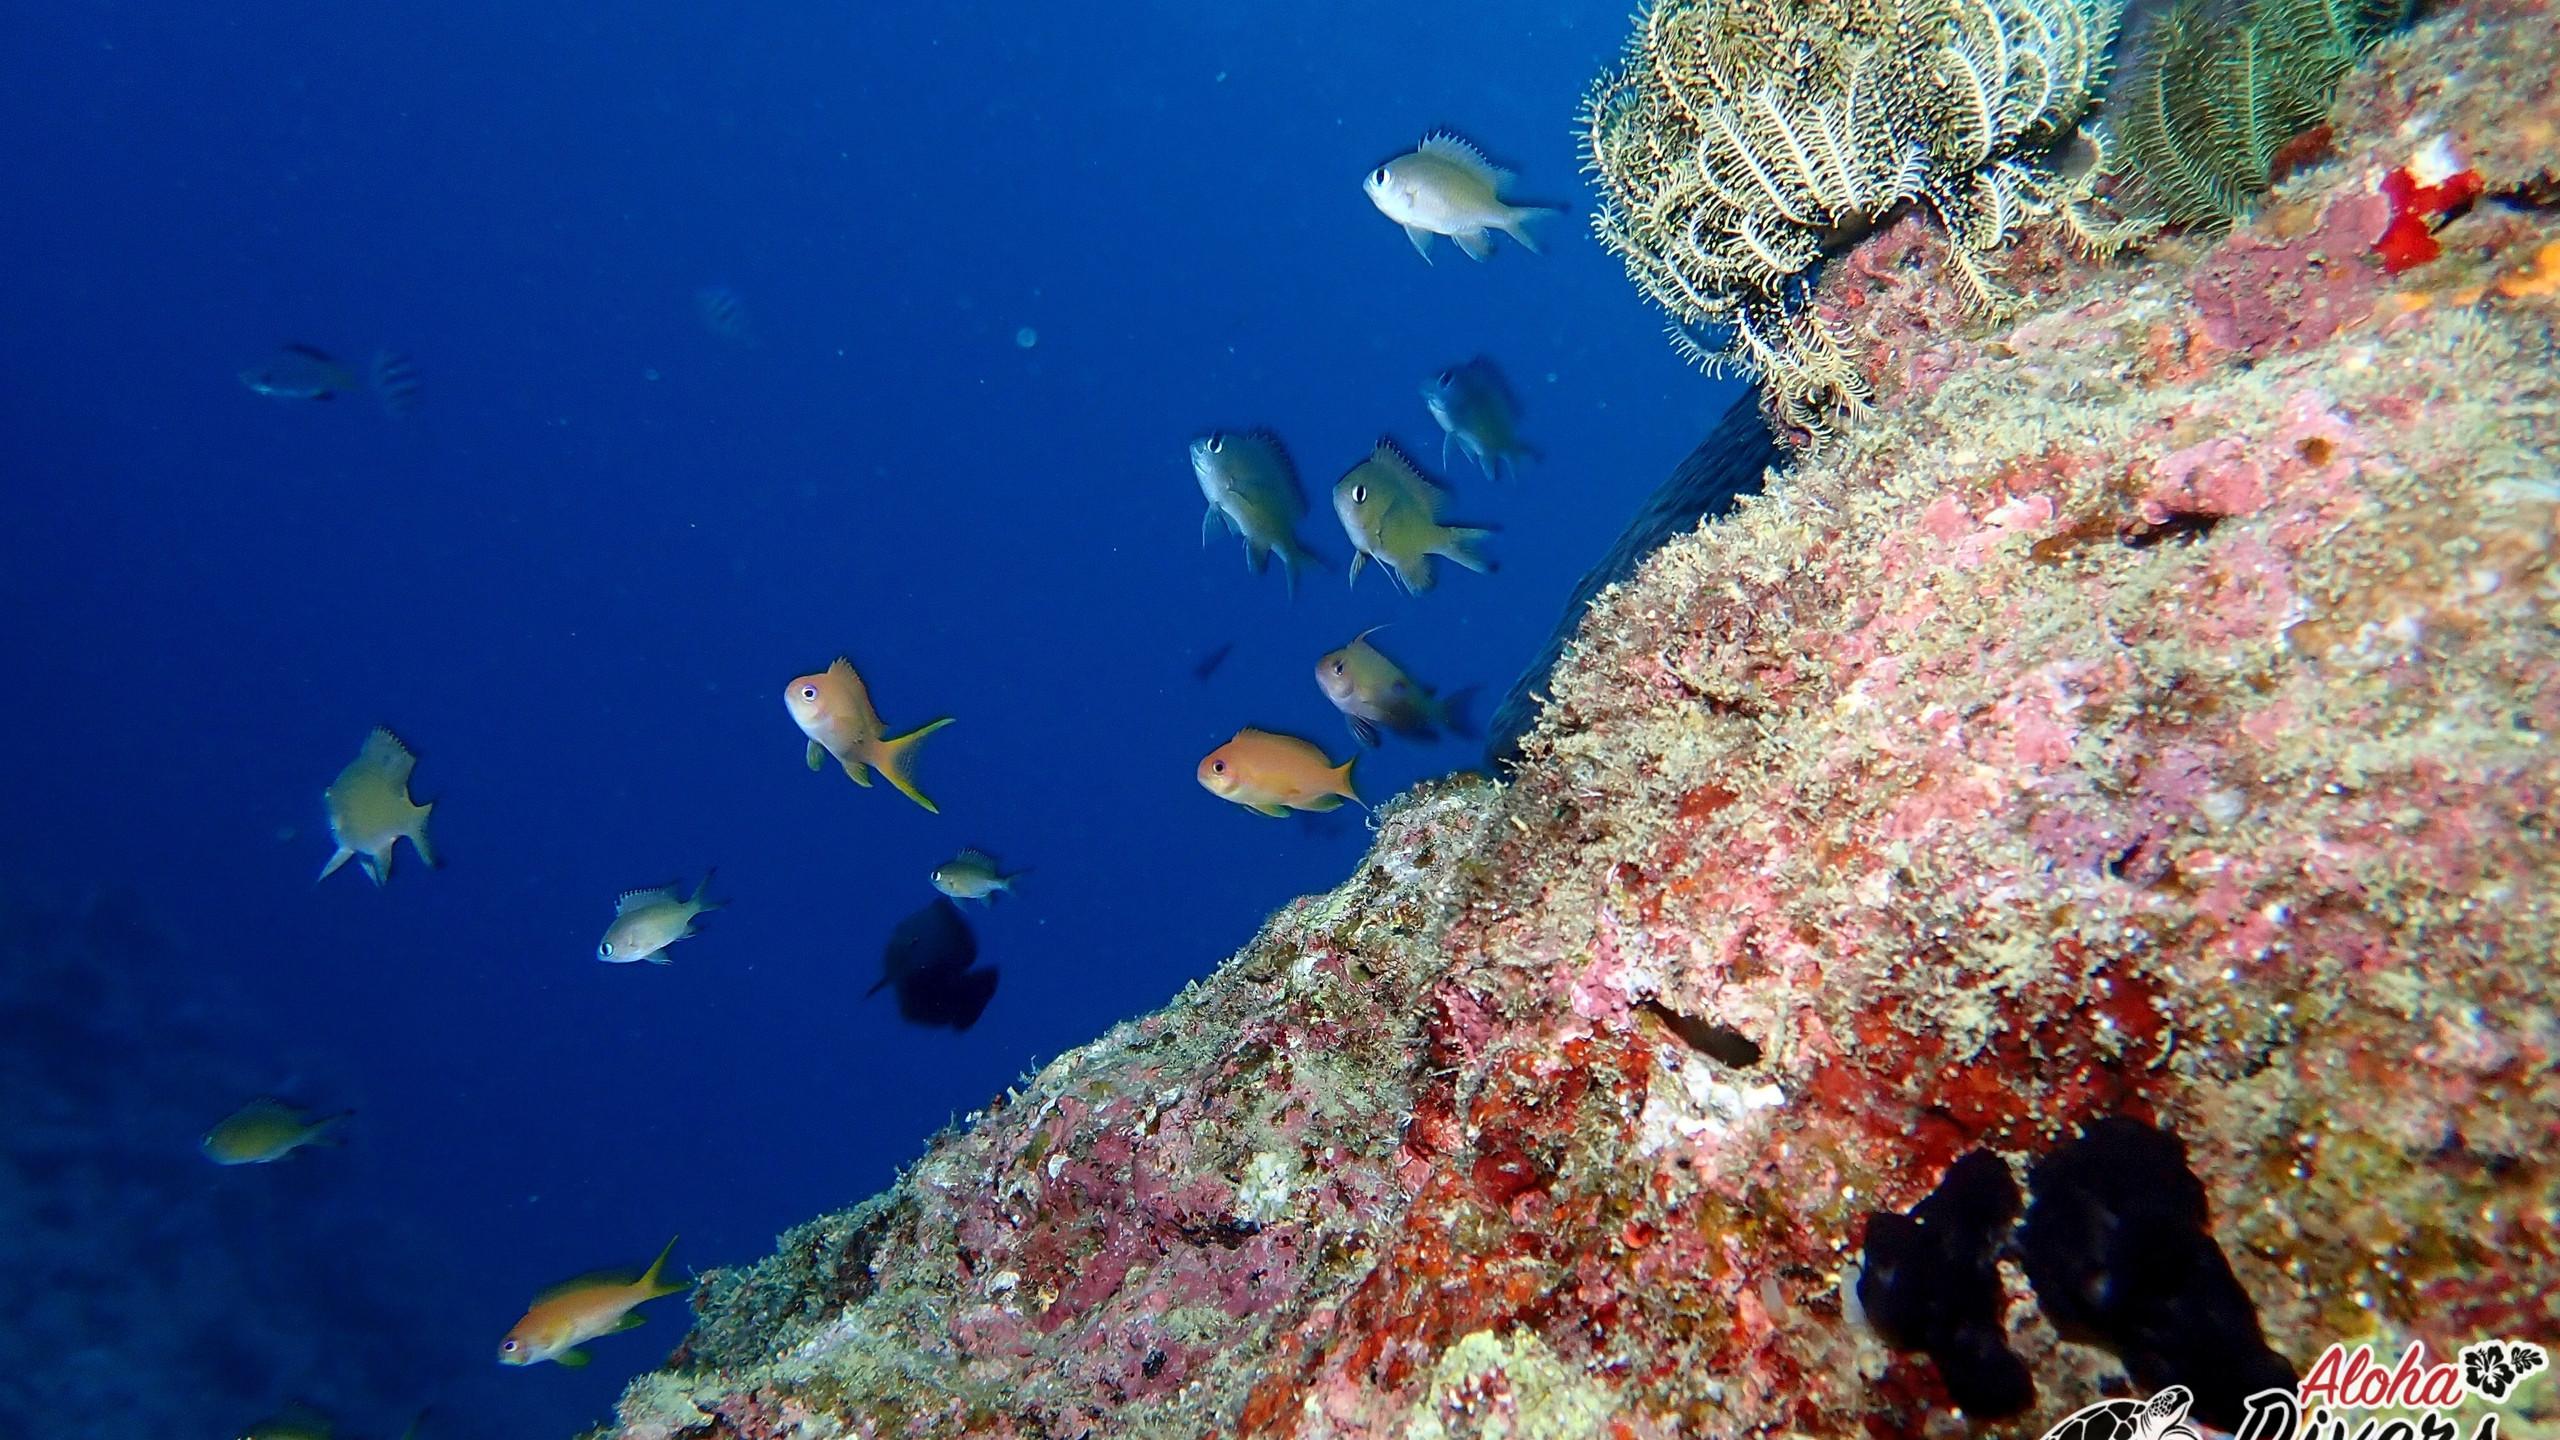 Okinawa Diving with Aloha Divers Okinawa - Mergulho em Okinawa